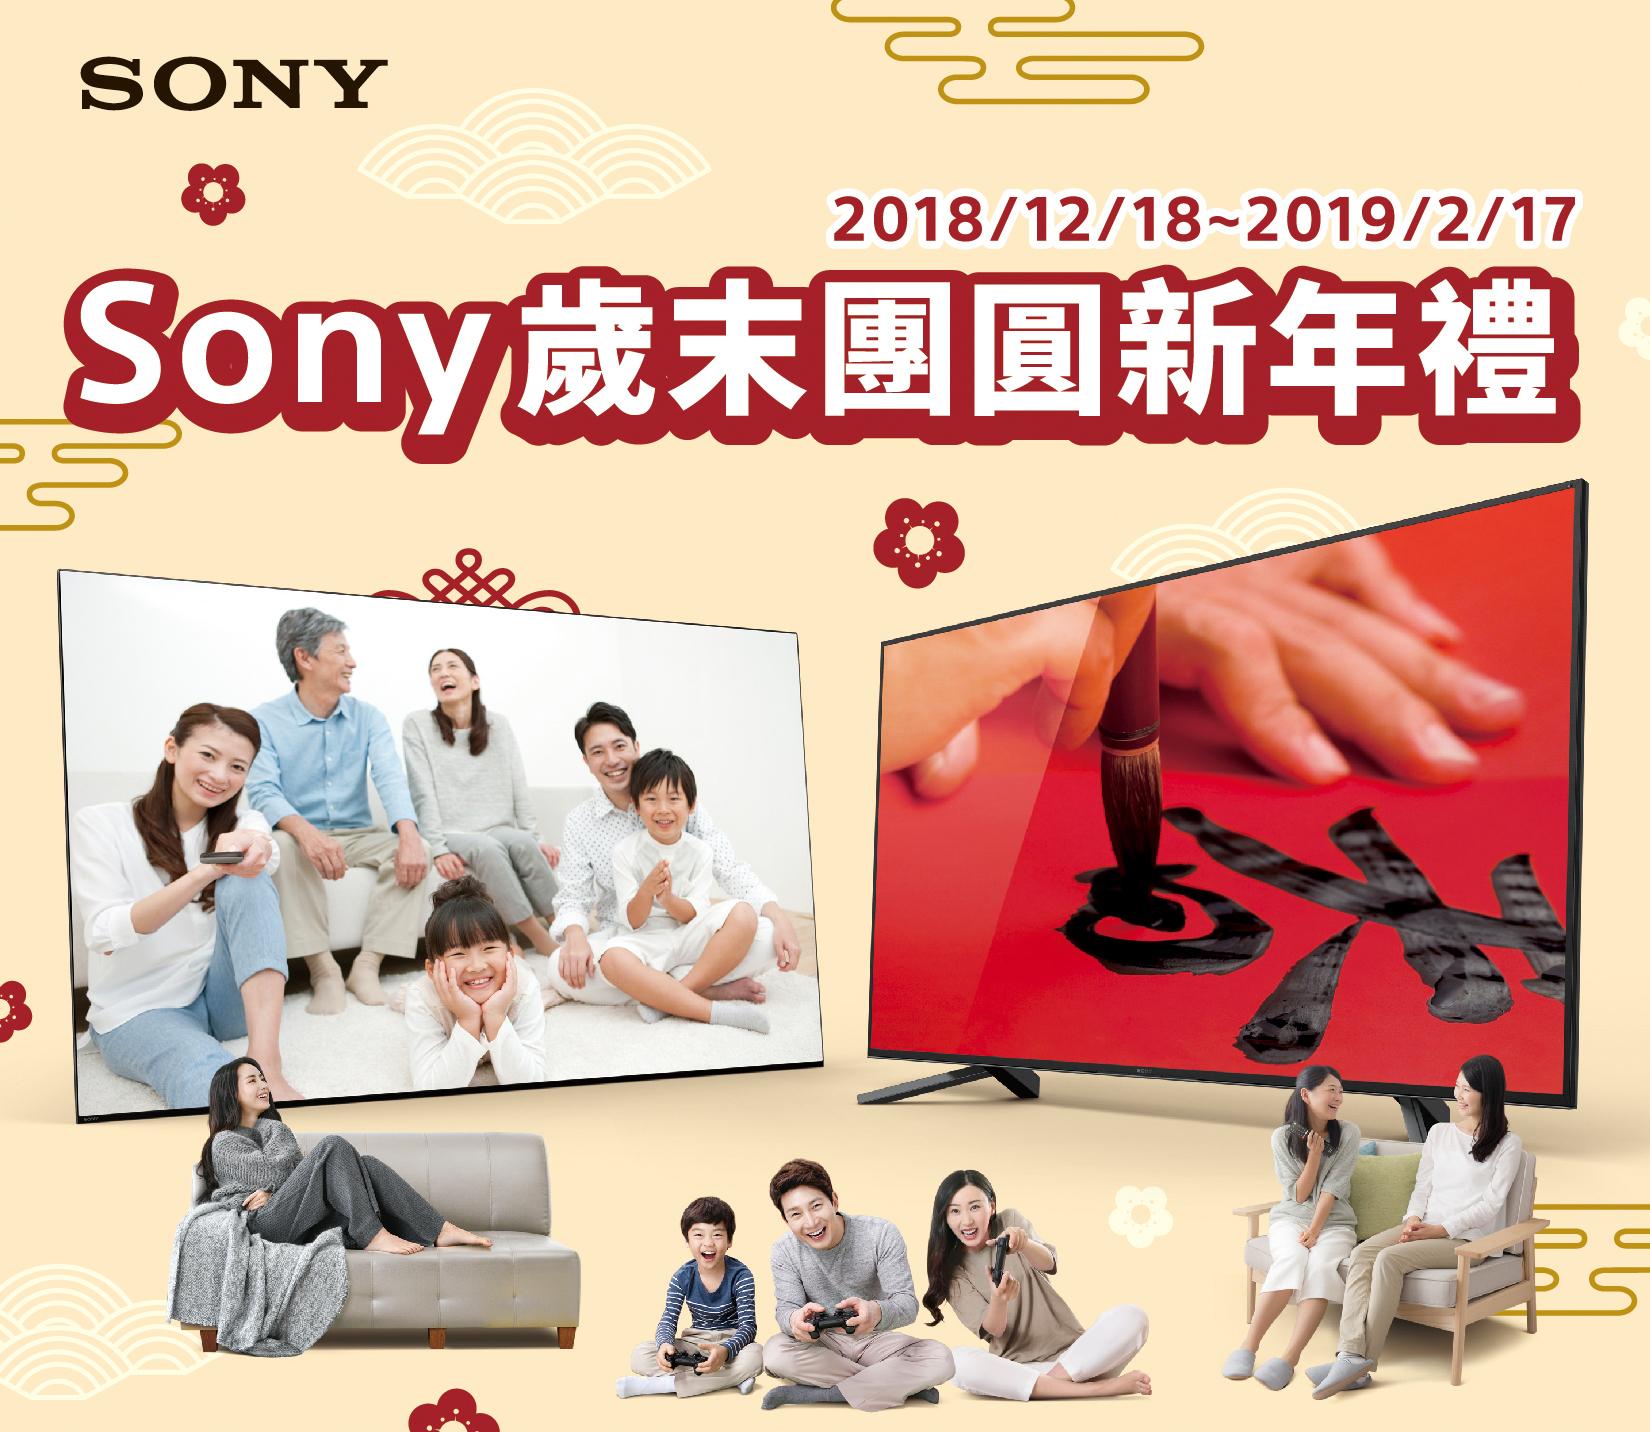 Sony歲末團圓限時新年禮回饋,購買指定商品送 PS4 PRO